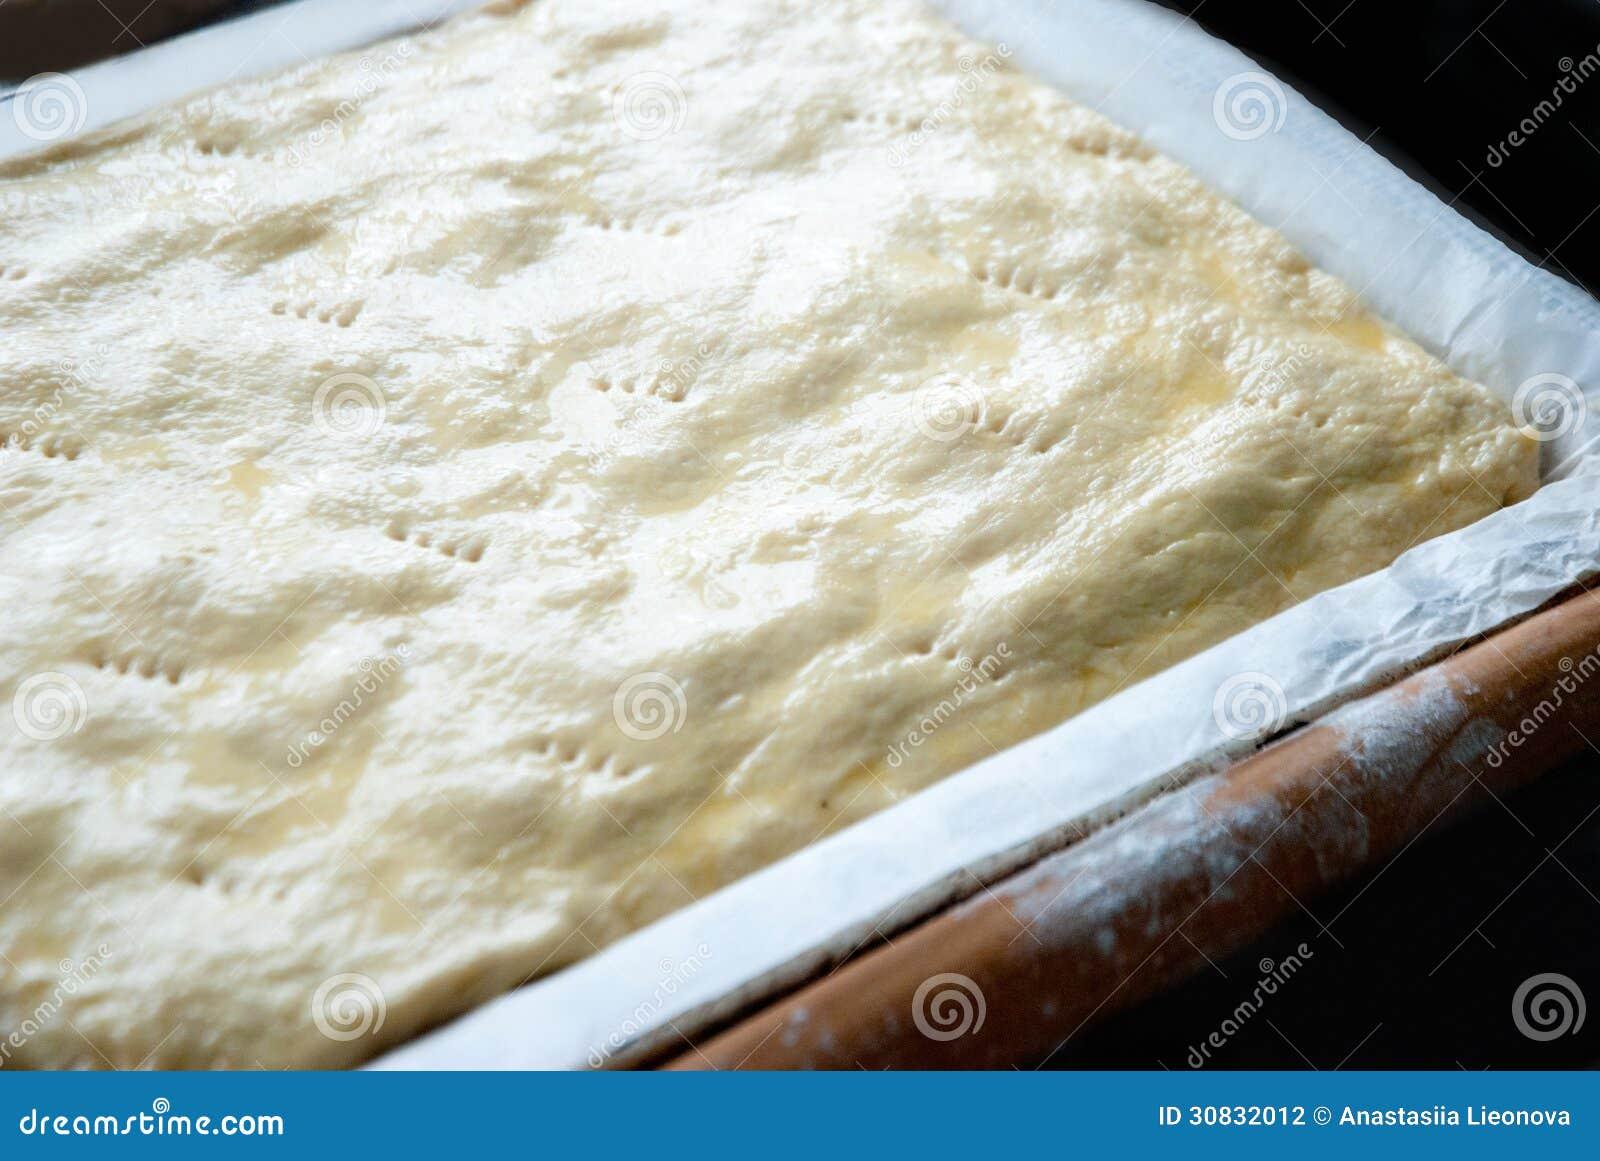 Pasta per torte cruda